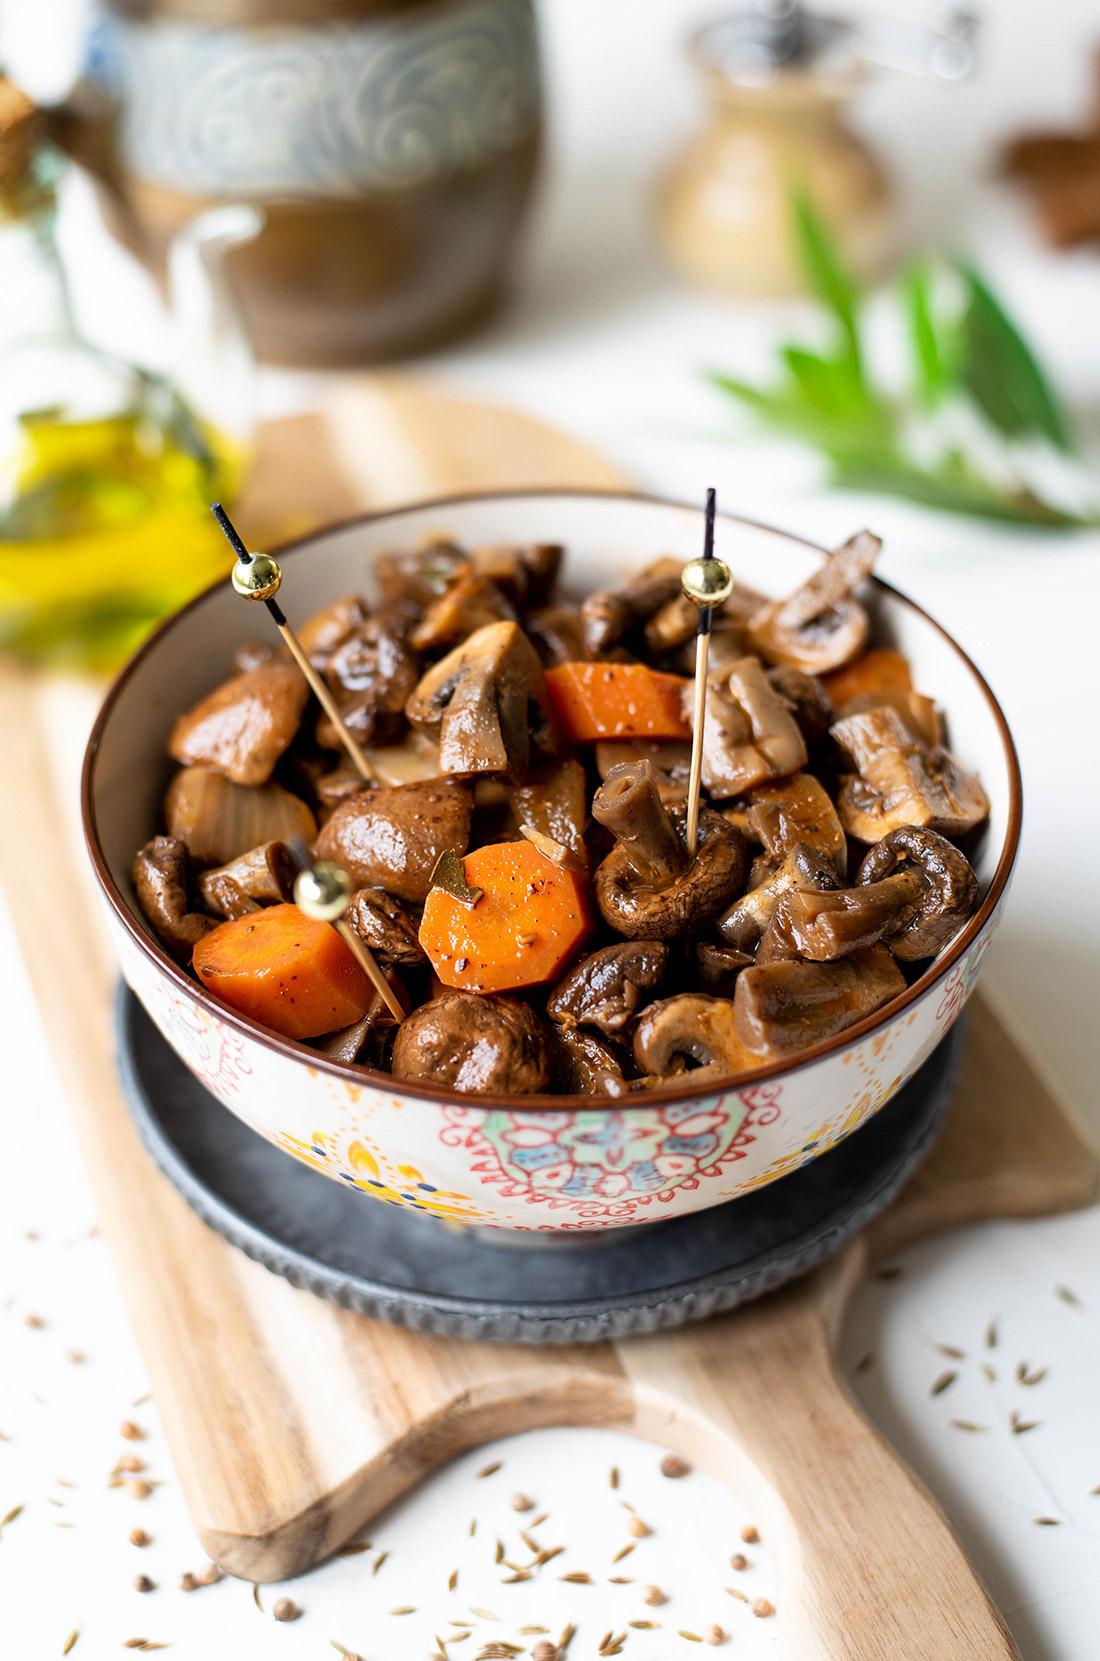 Recette de champignons à la grecque maison